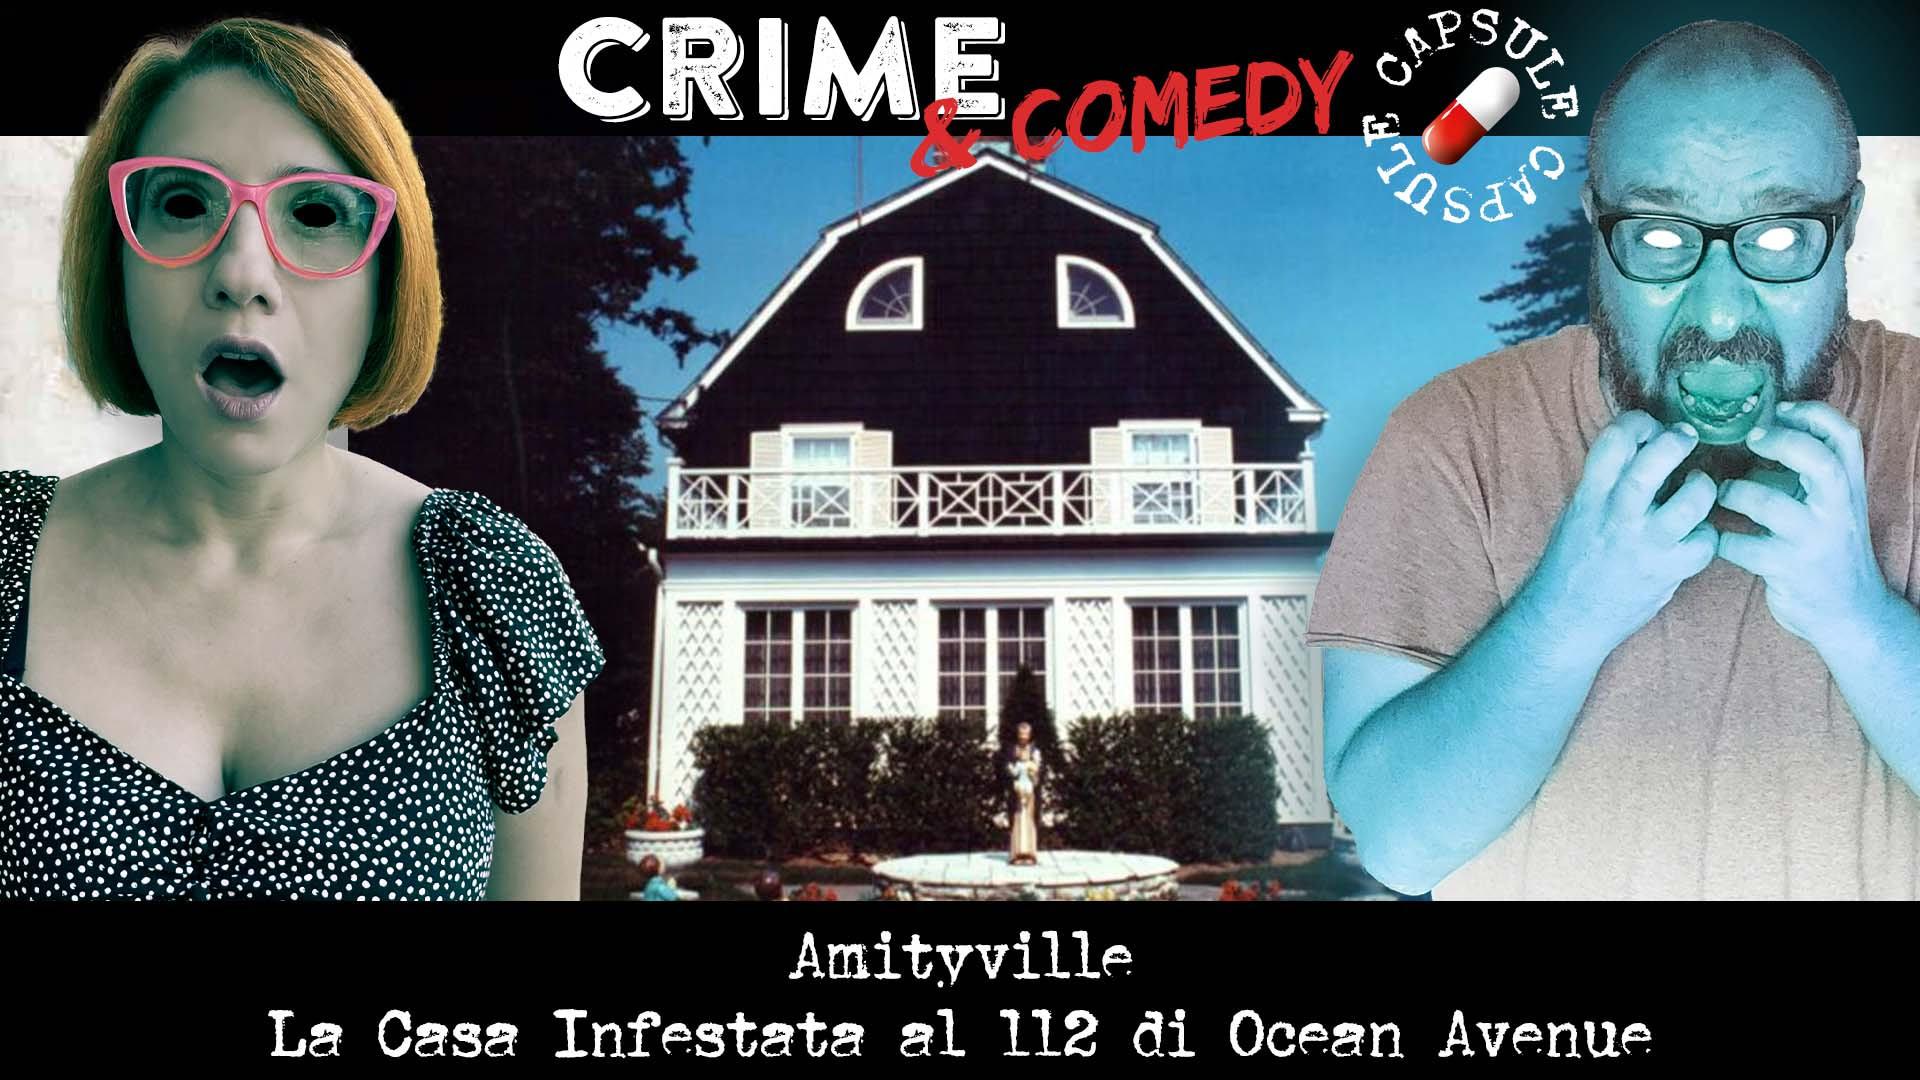 Amityville - La Casa Infestata al 112 di Ocean Avenue - Crime & Comedy Capsule